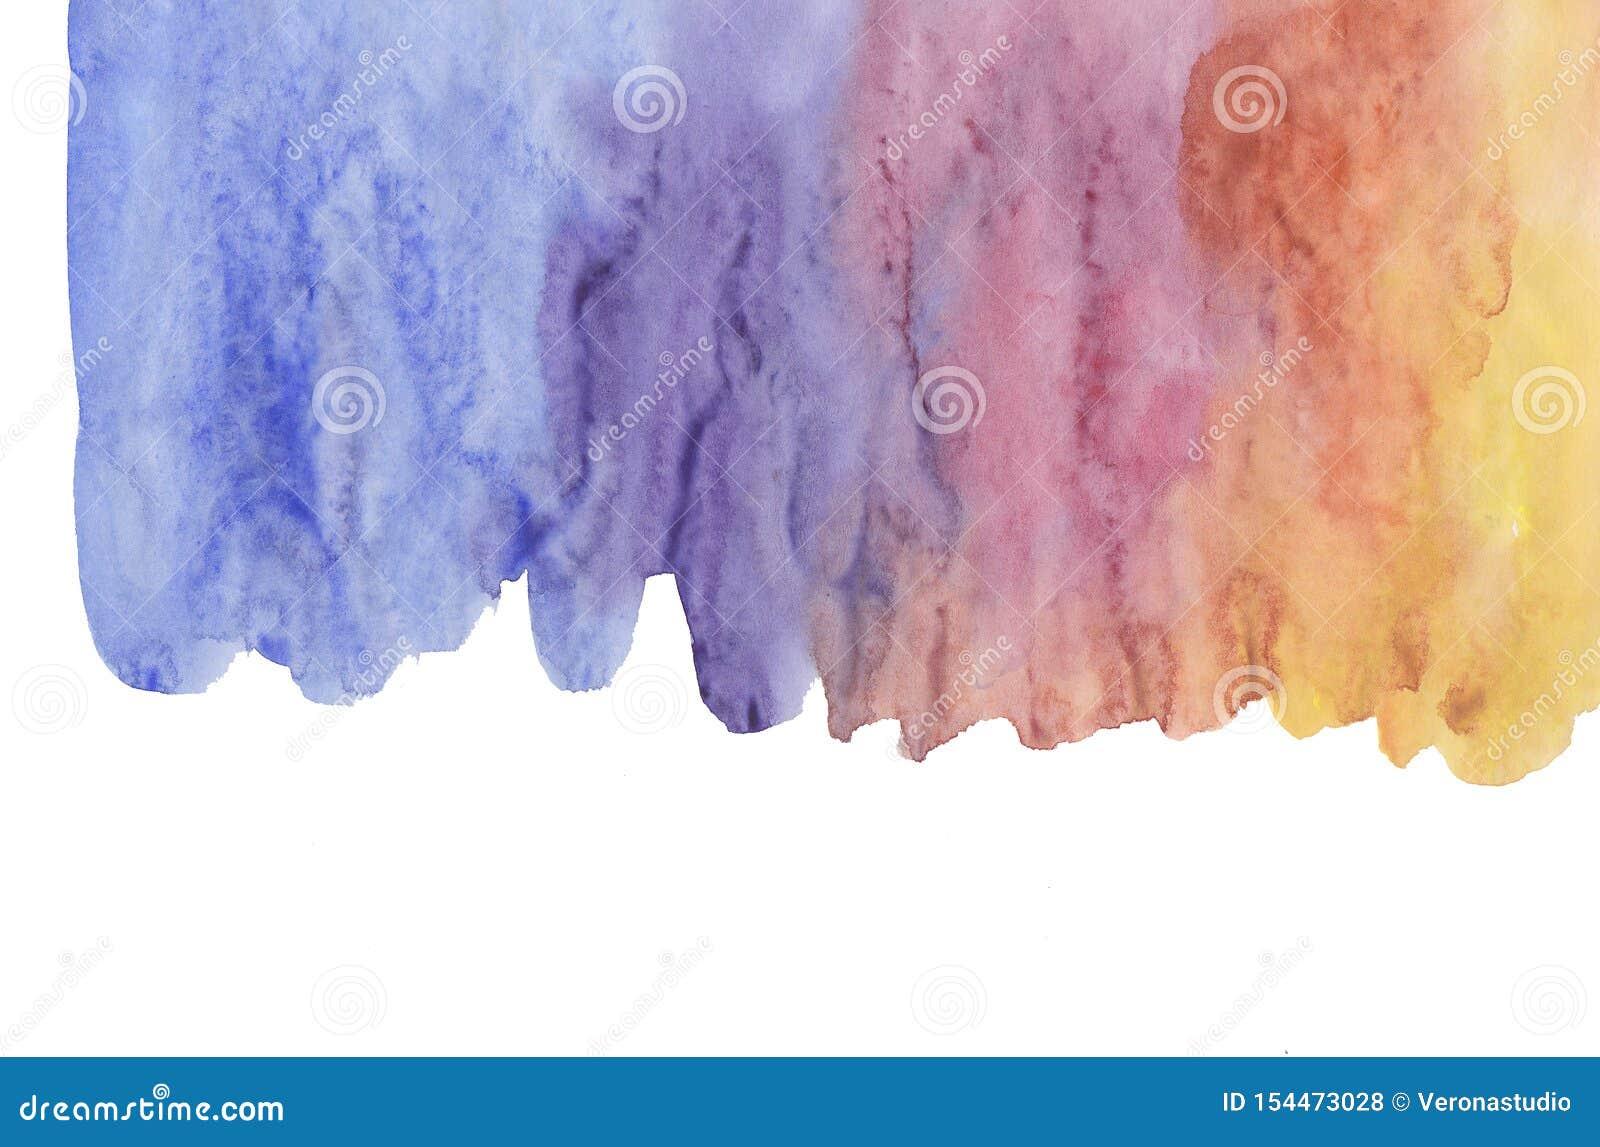 Абстрактные ходы щетки акварели изолированные на белой, творческой иллюстрации, художественной цветовой палитре, мазке grunge, го